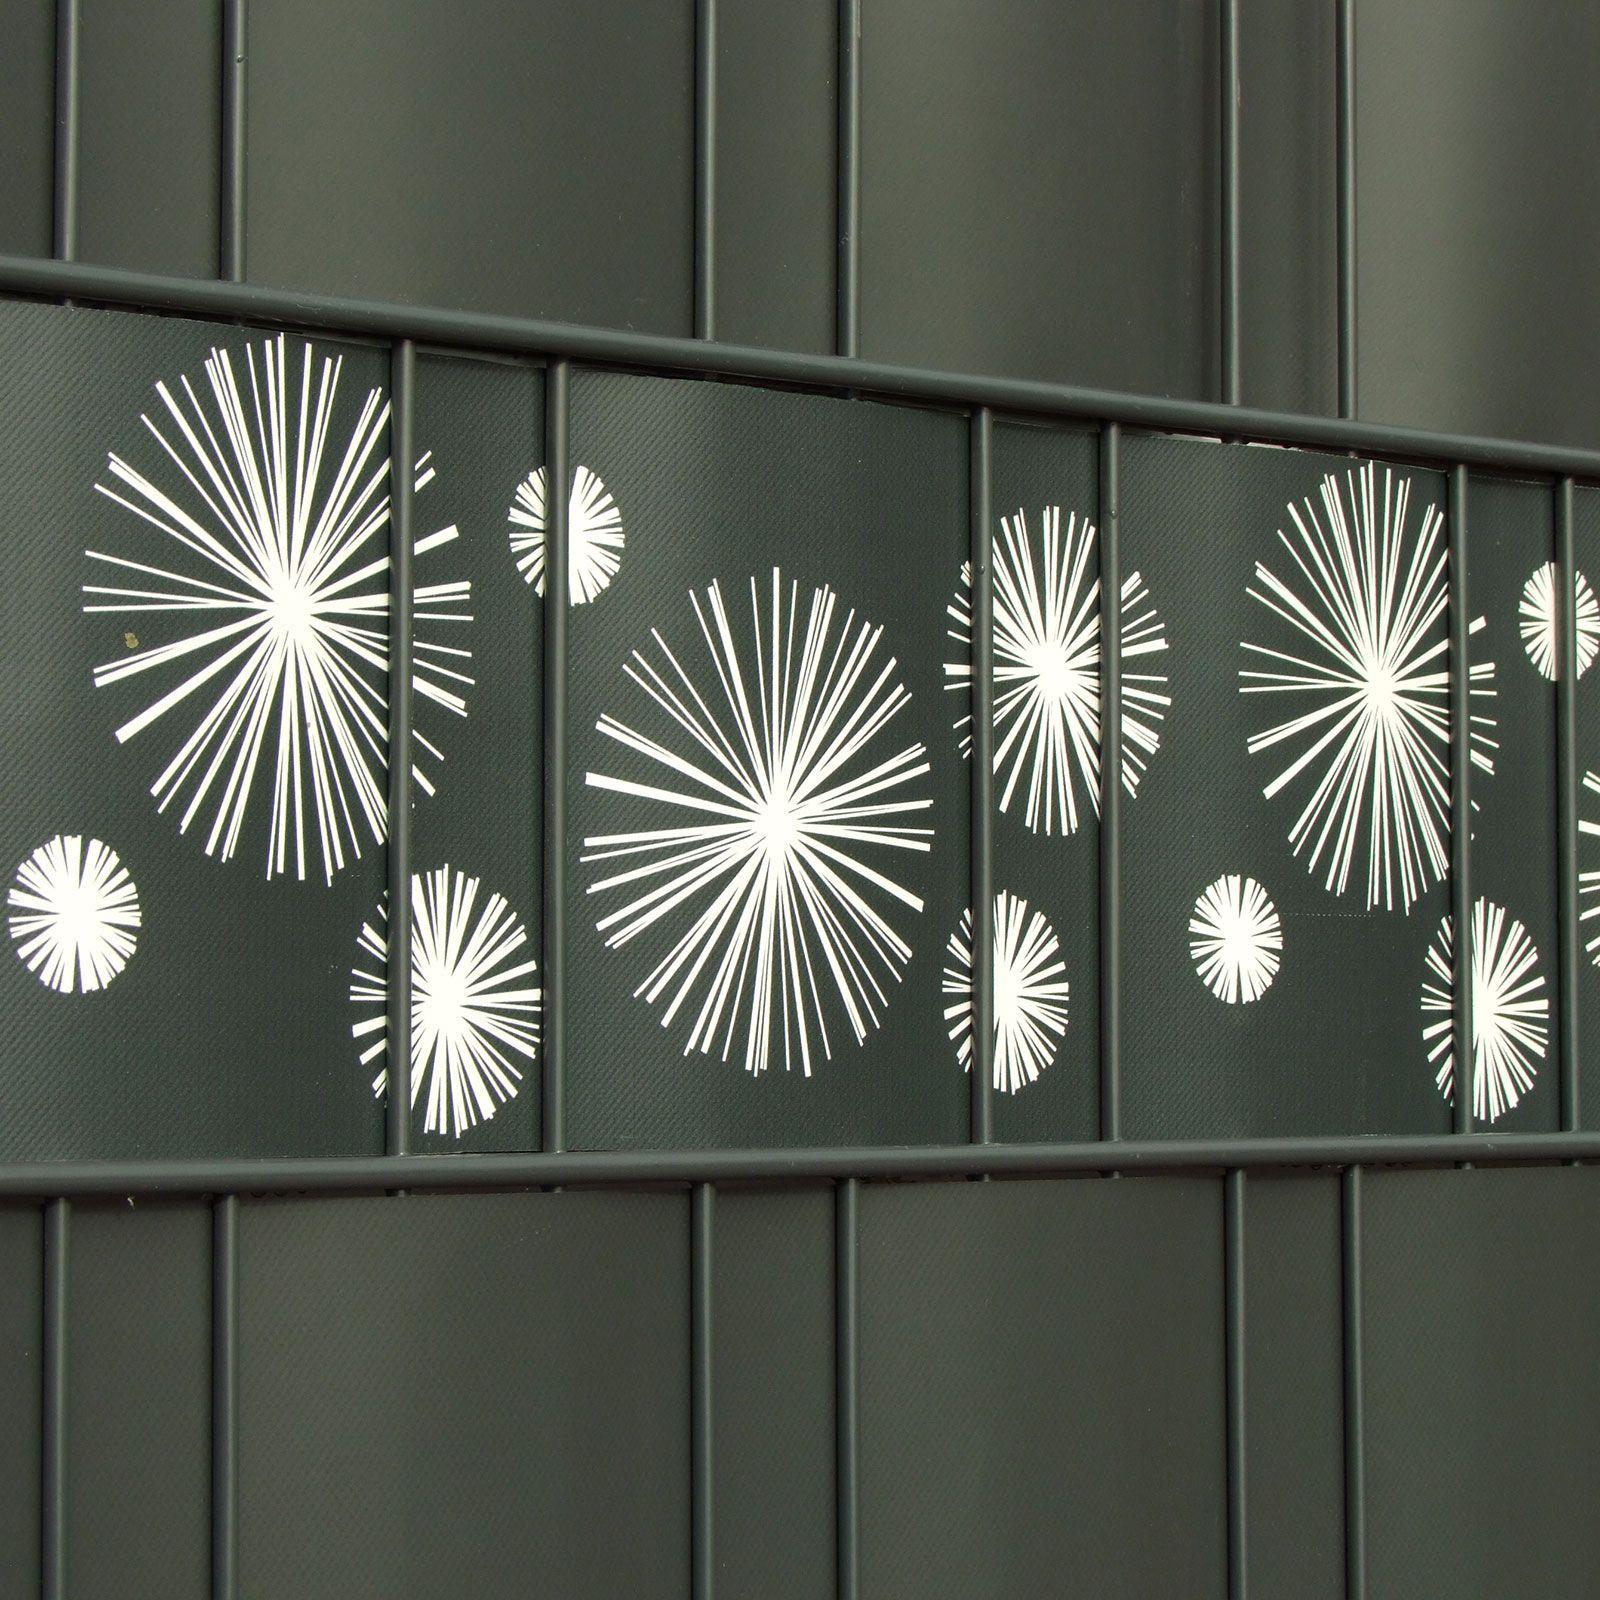 Innenarchitektur Zaun Design Ideen Von Verschiedenen Motive Der Sichtschutzstreifen Für Den Einzigartigen